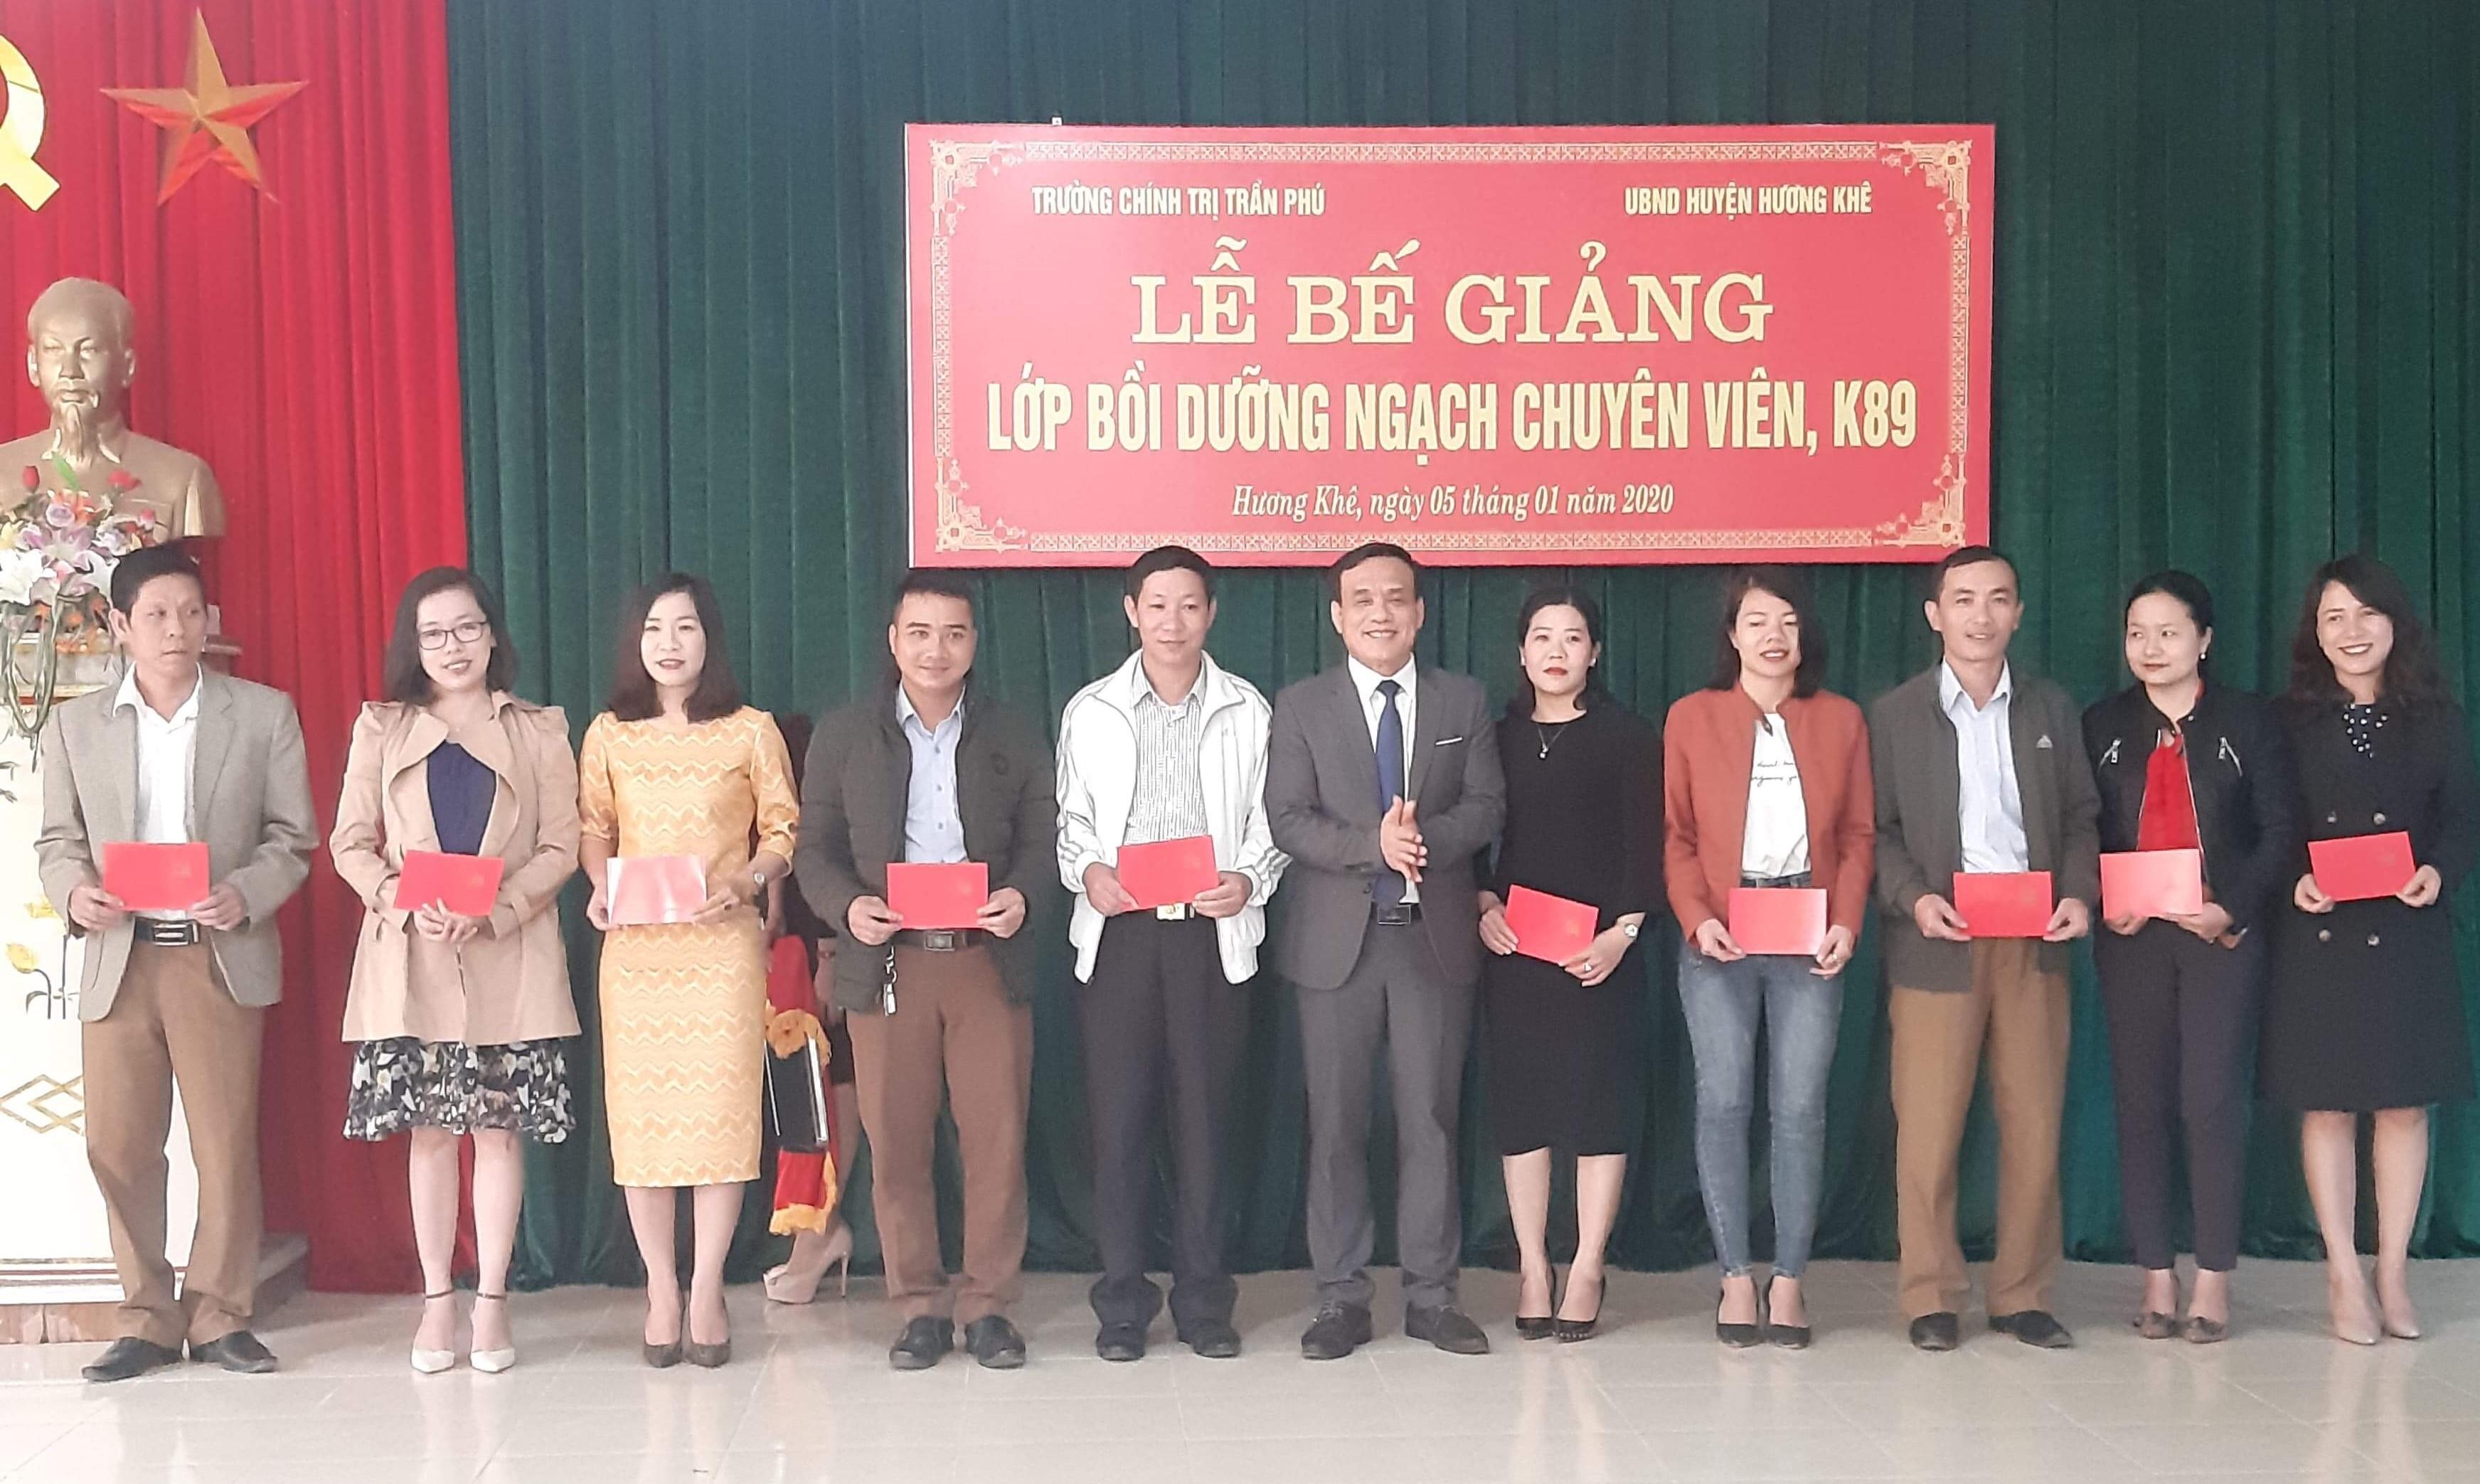 Bế giảng lớp bồi dưỡng ngạch chuyên viên khóa 89 tại Hương Khê.